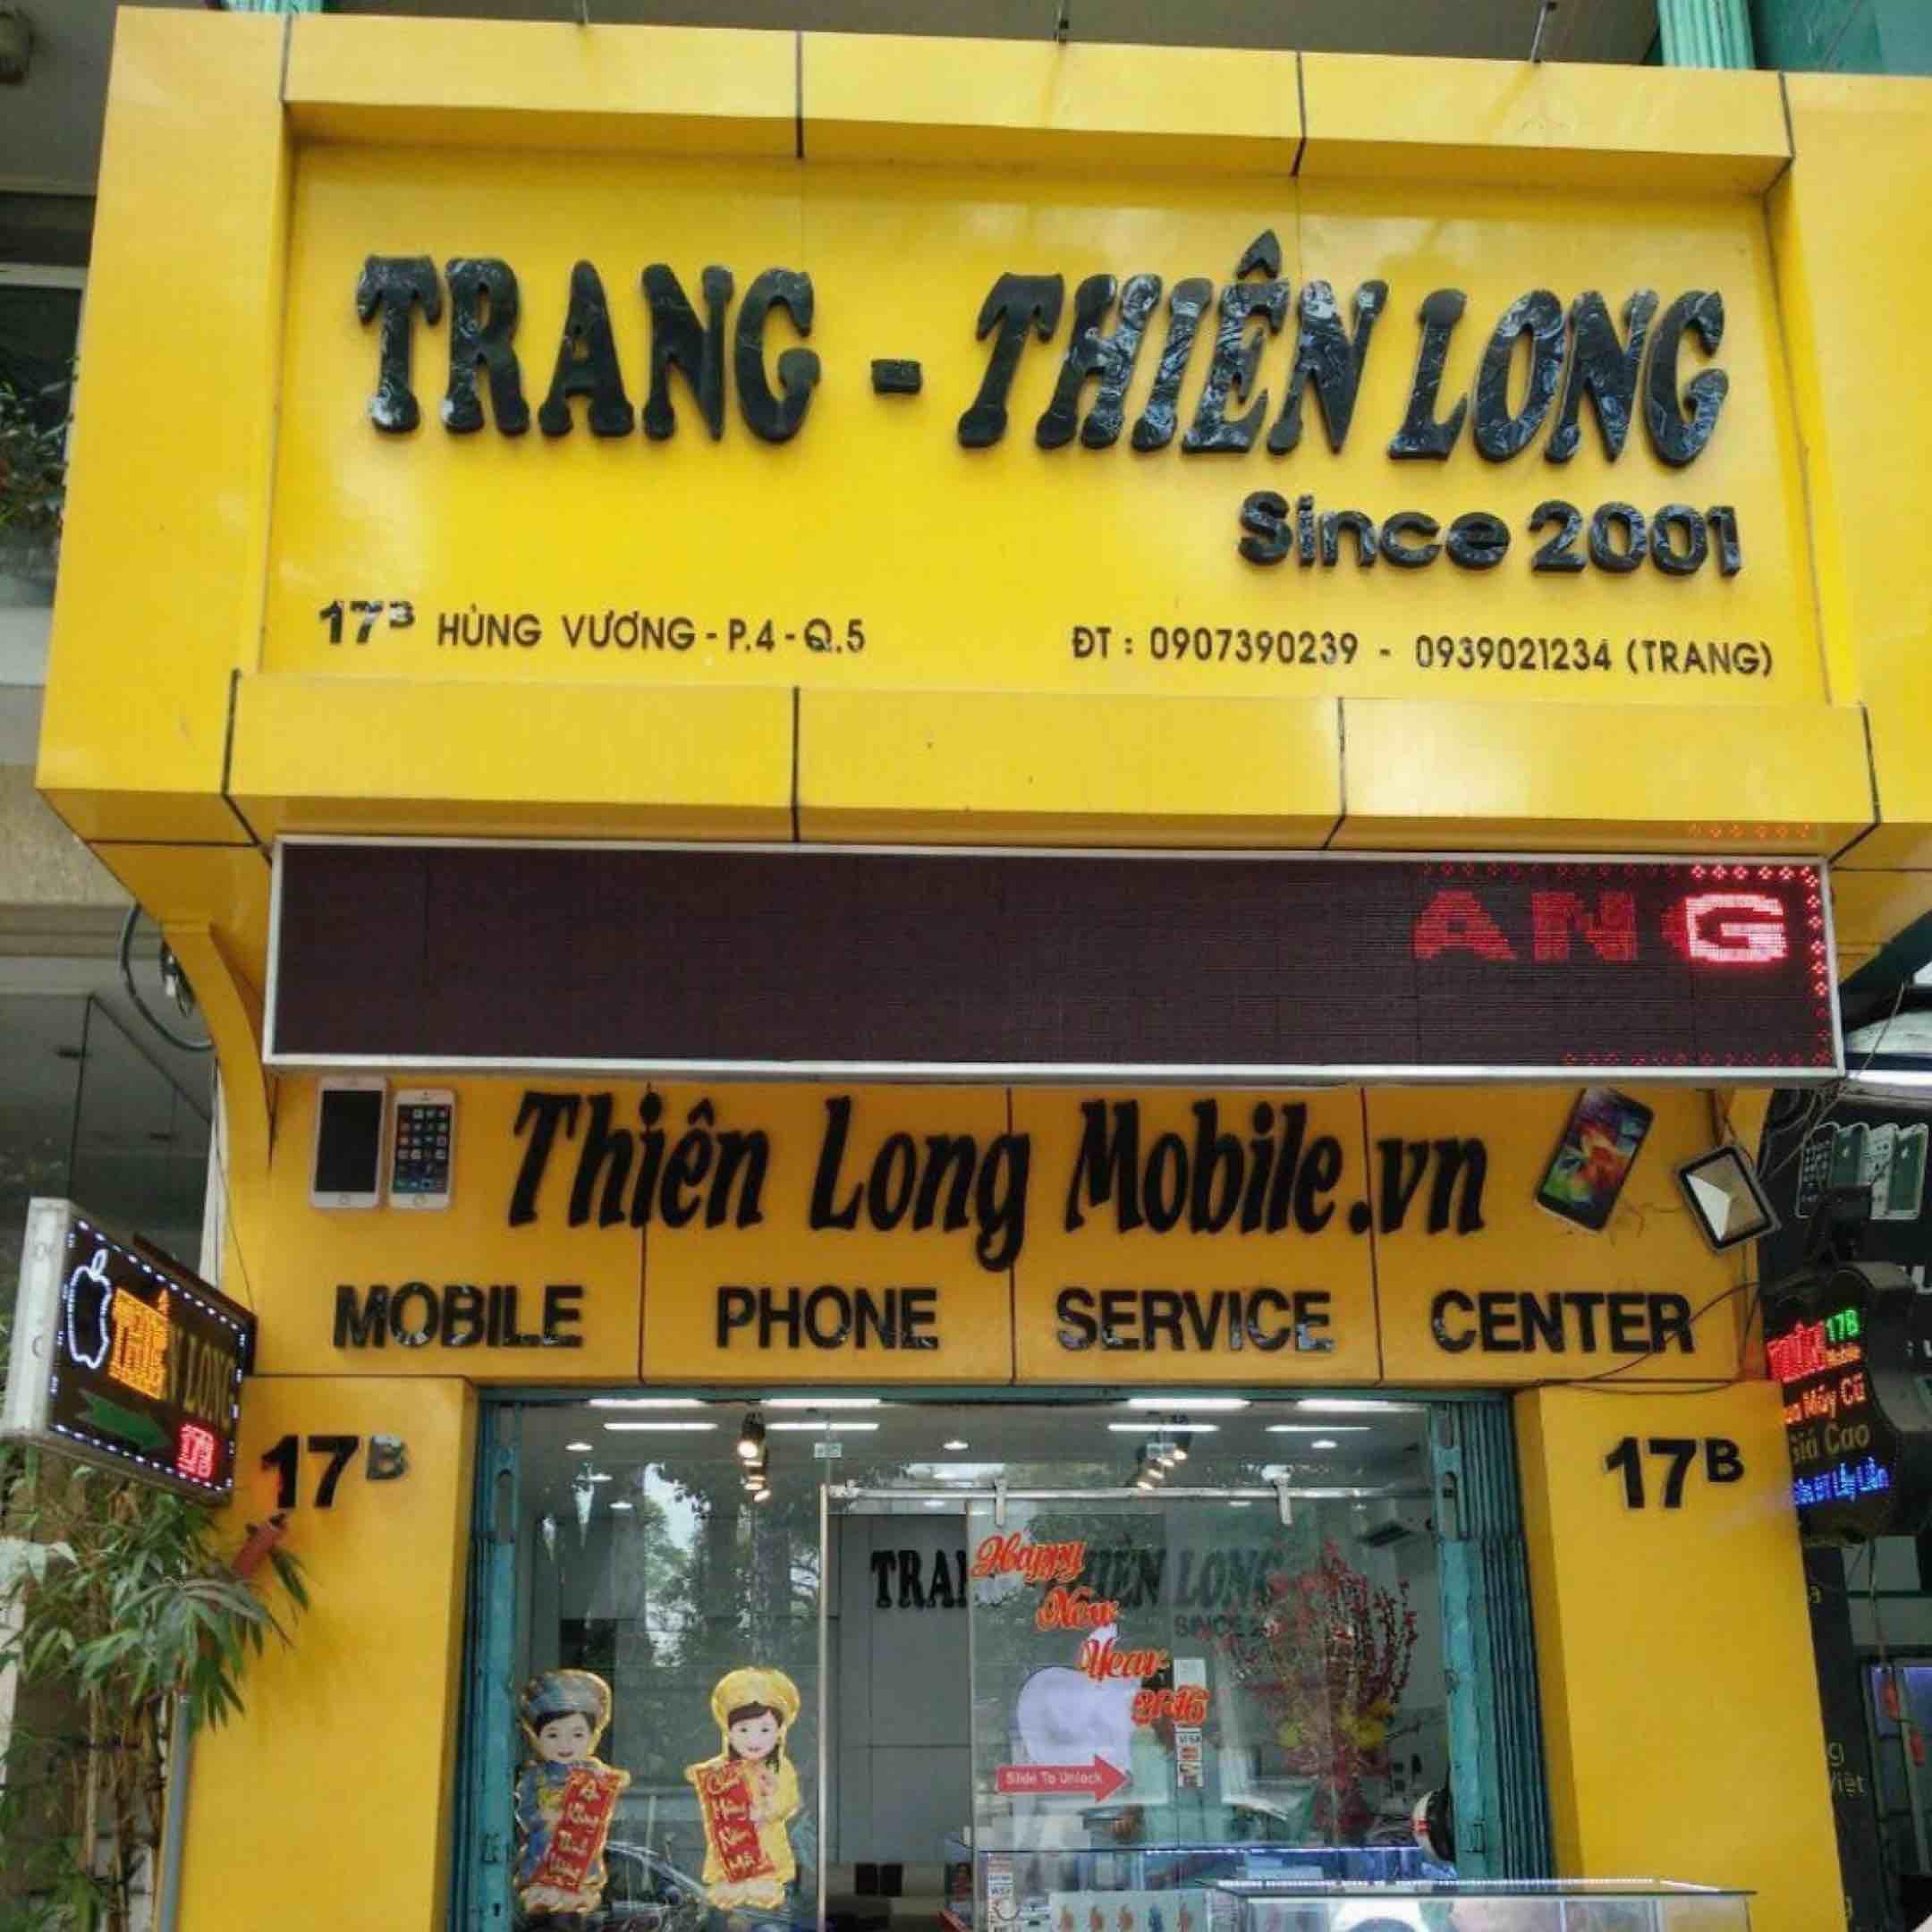 Điện Thoại Trang Thiên Long